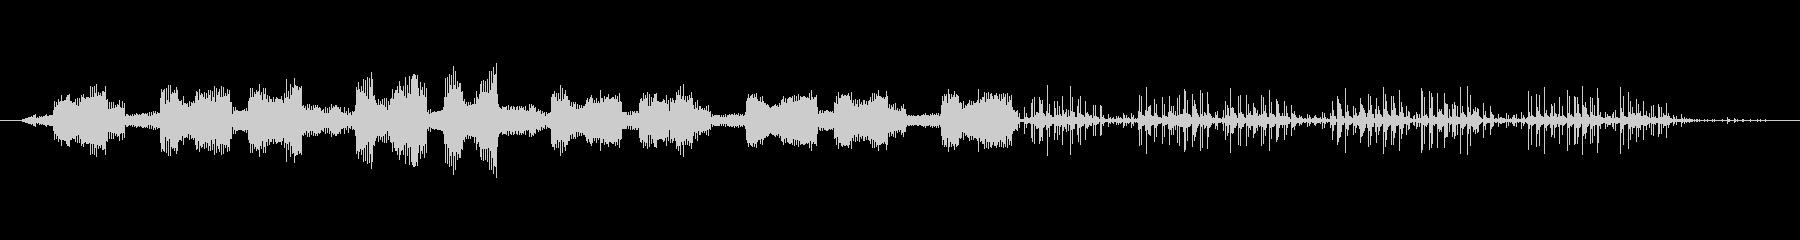 ノイズ 壊れたランダム性03の未再生の波形